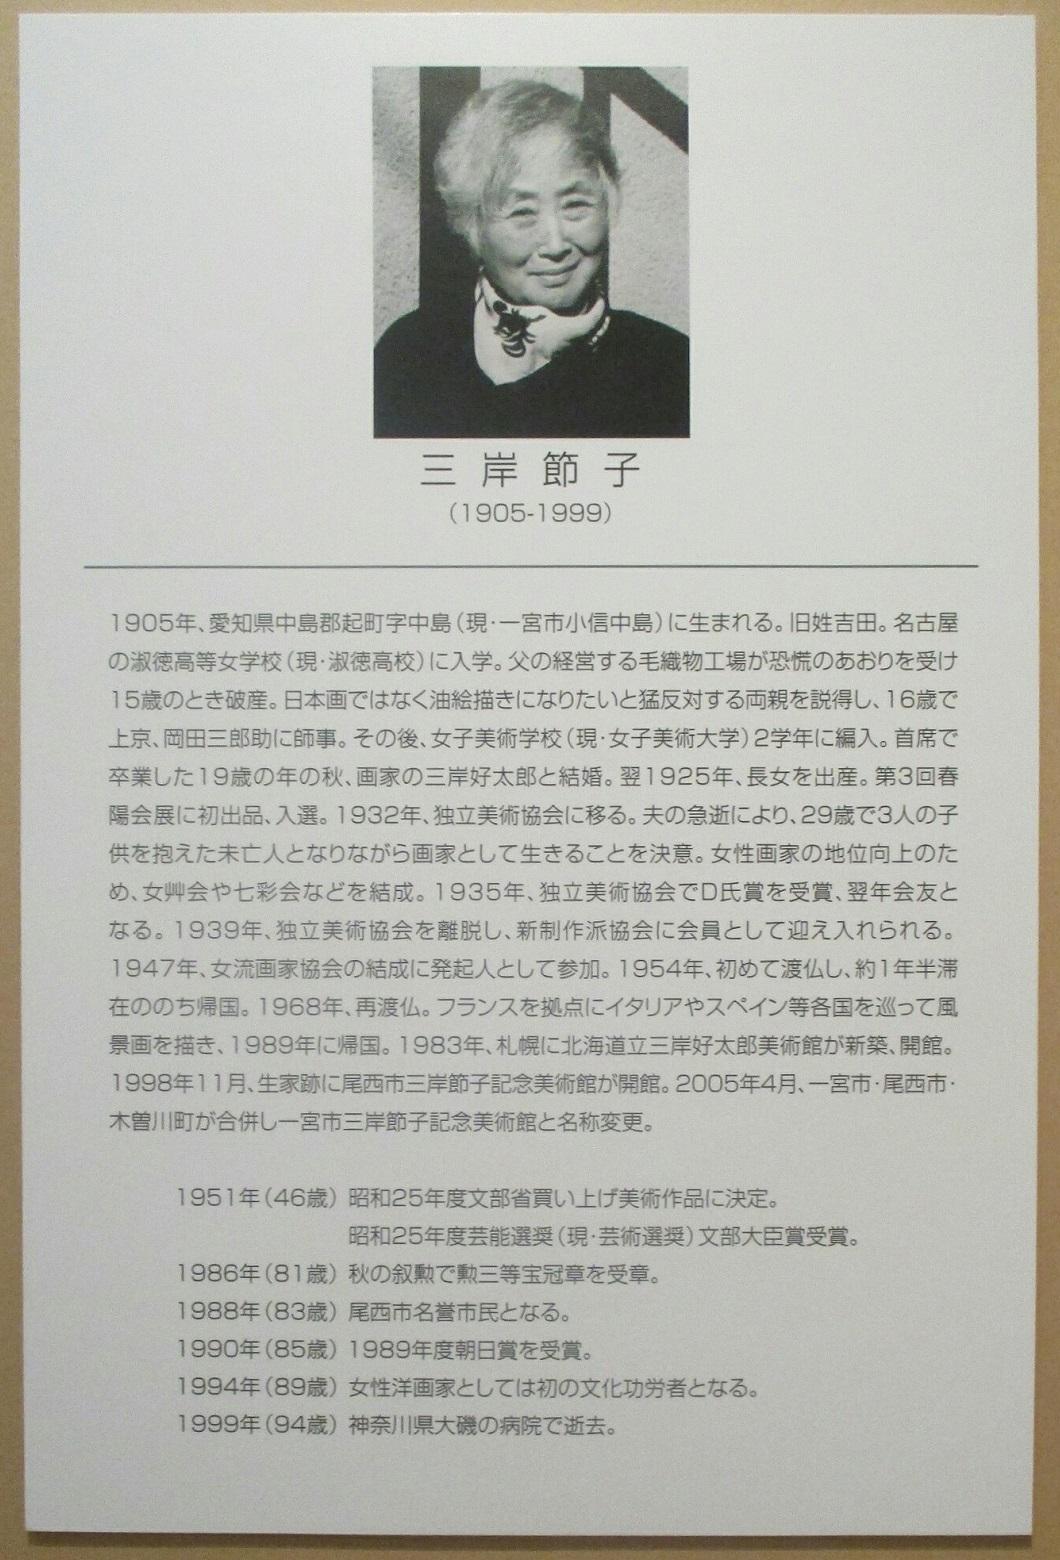 2019.6.18 (21) 三岸節子記念美術館 - 三岸節子について 1060-1560